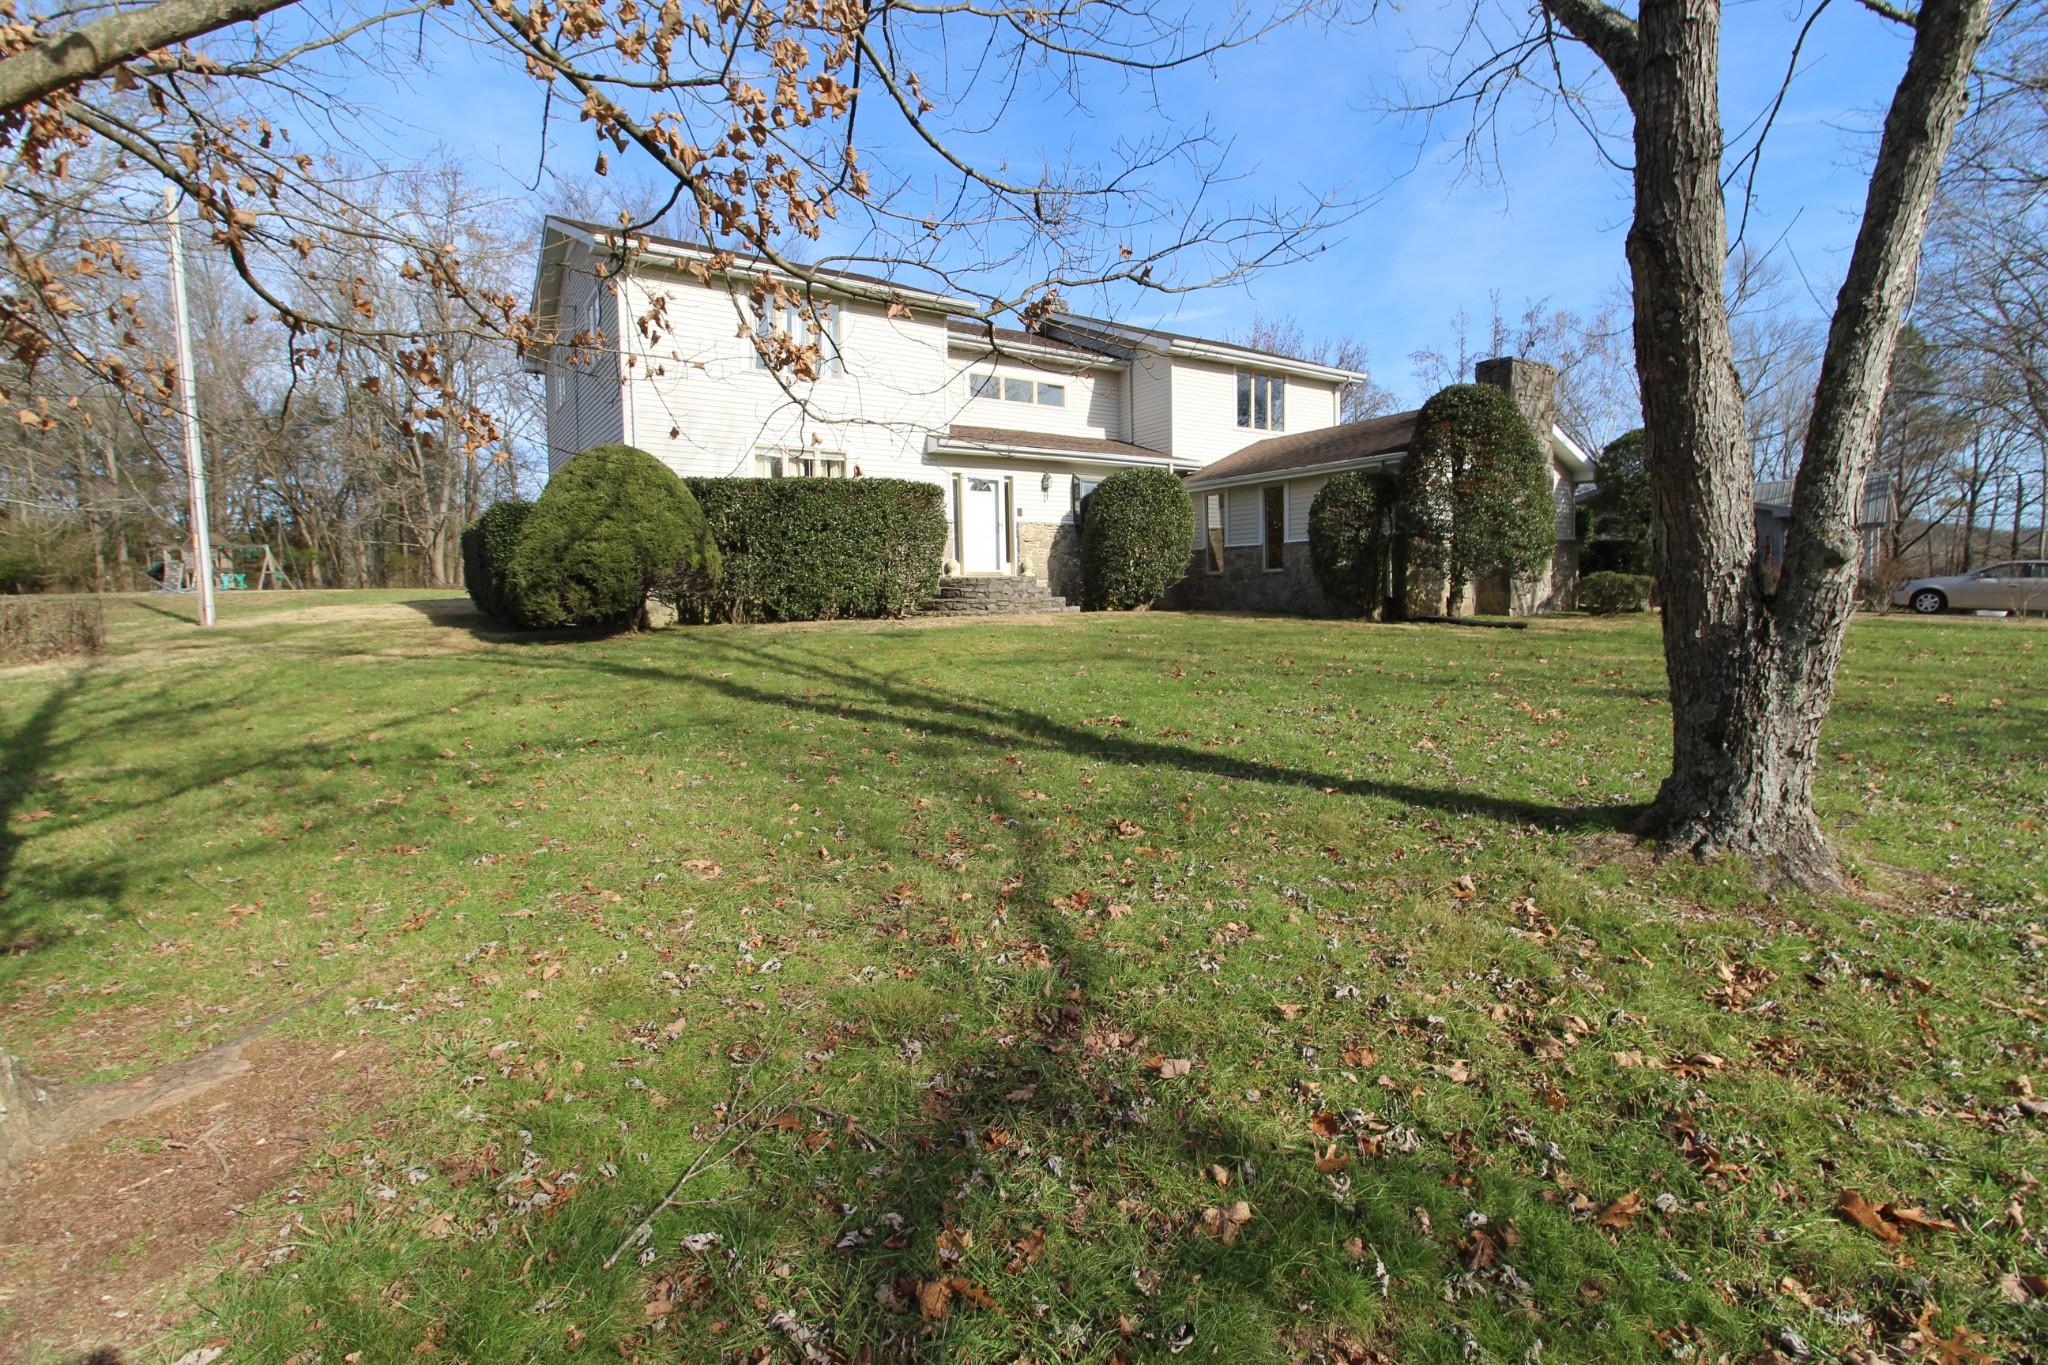 675 Ridgeway Dr, Carthage, TN 37030 - Carthage, TN real estate listing